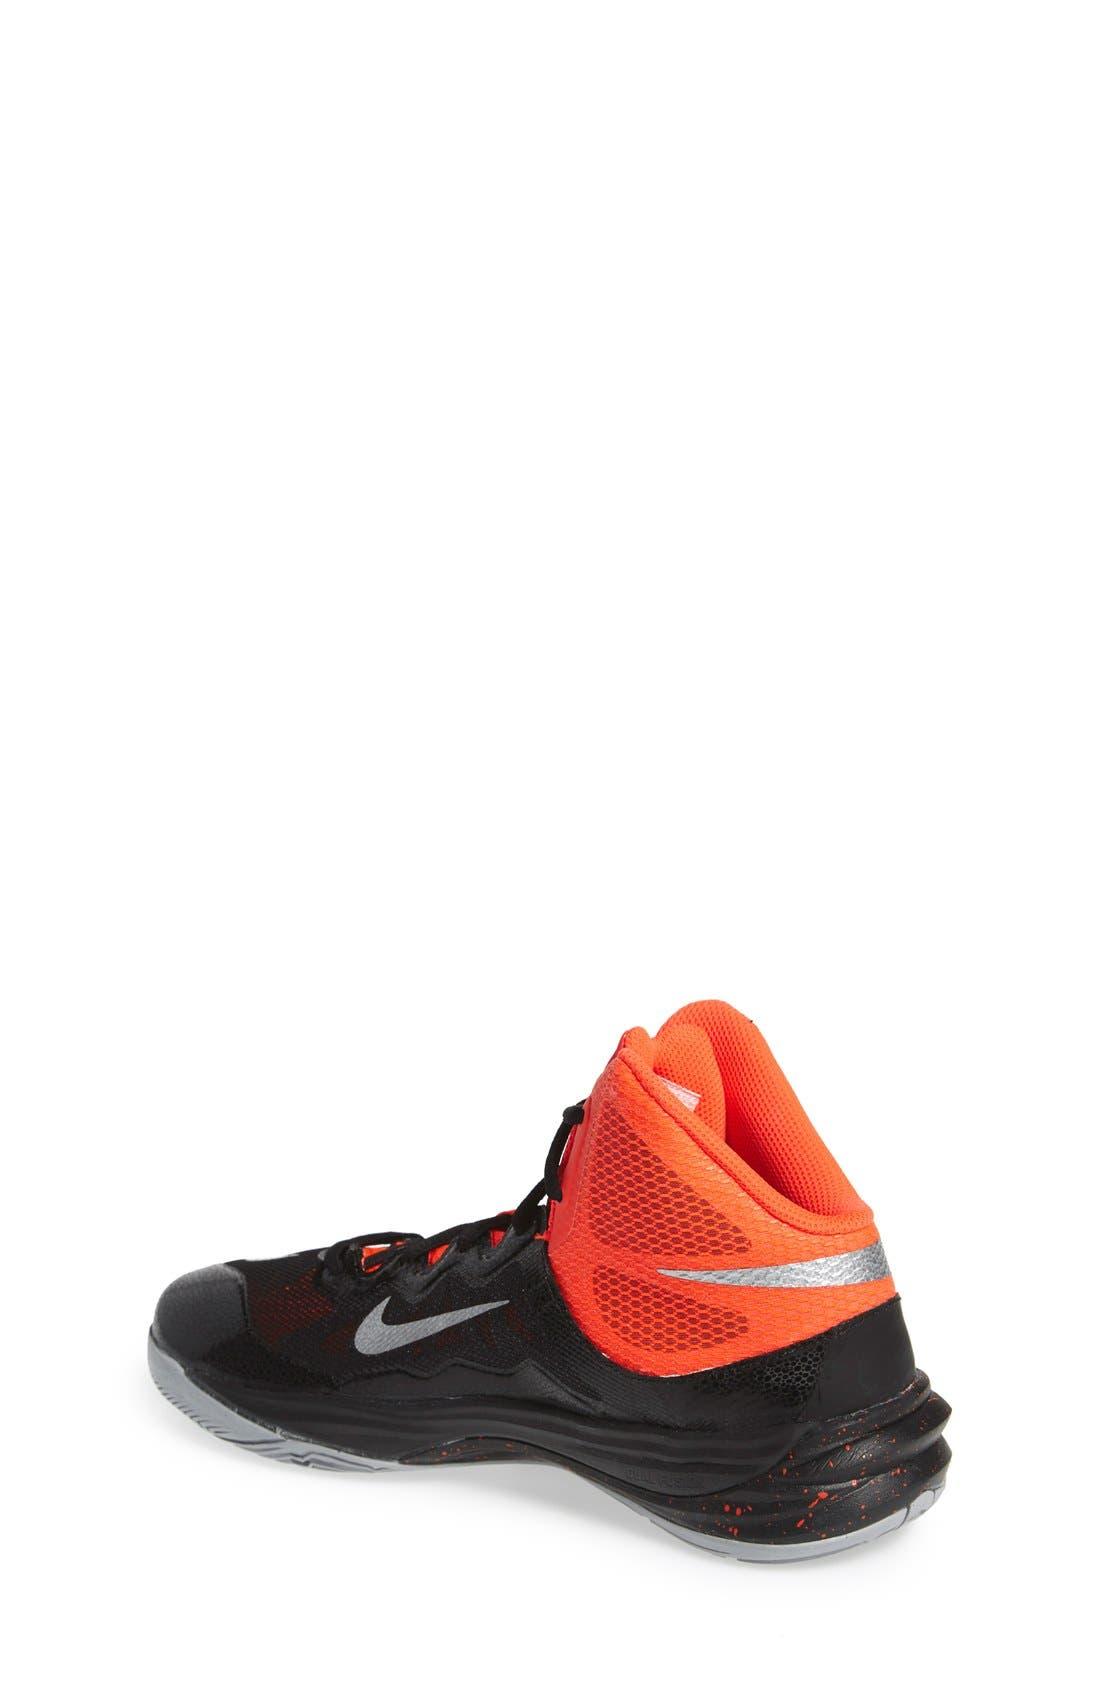 'Prime Hype DF II' Basketball Shoe,                             Alternate thumbnail 2, color,                             006